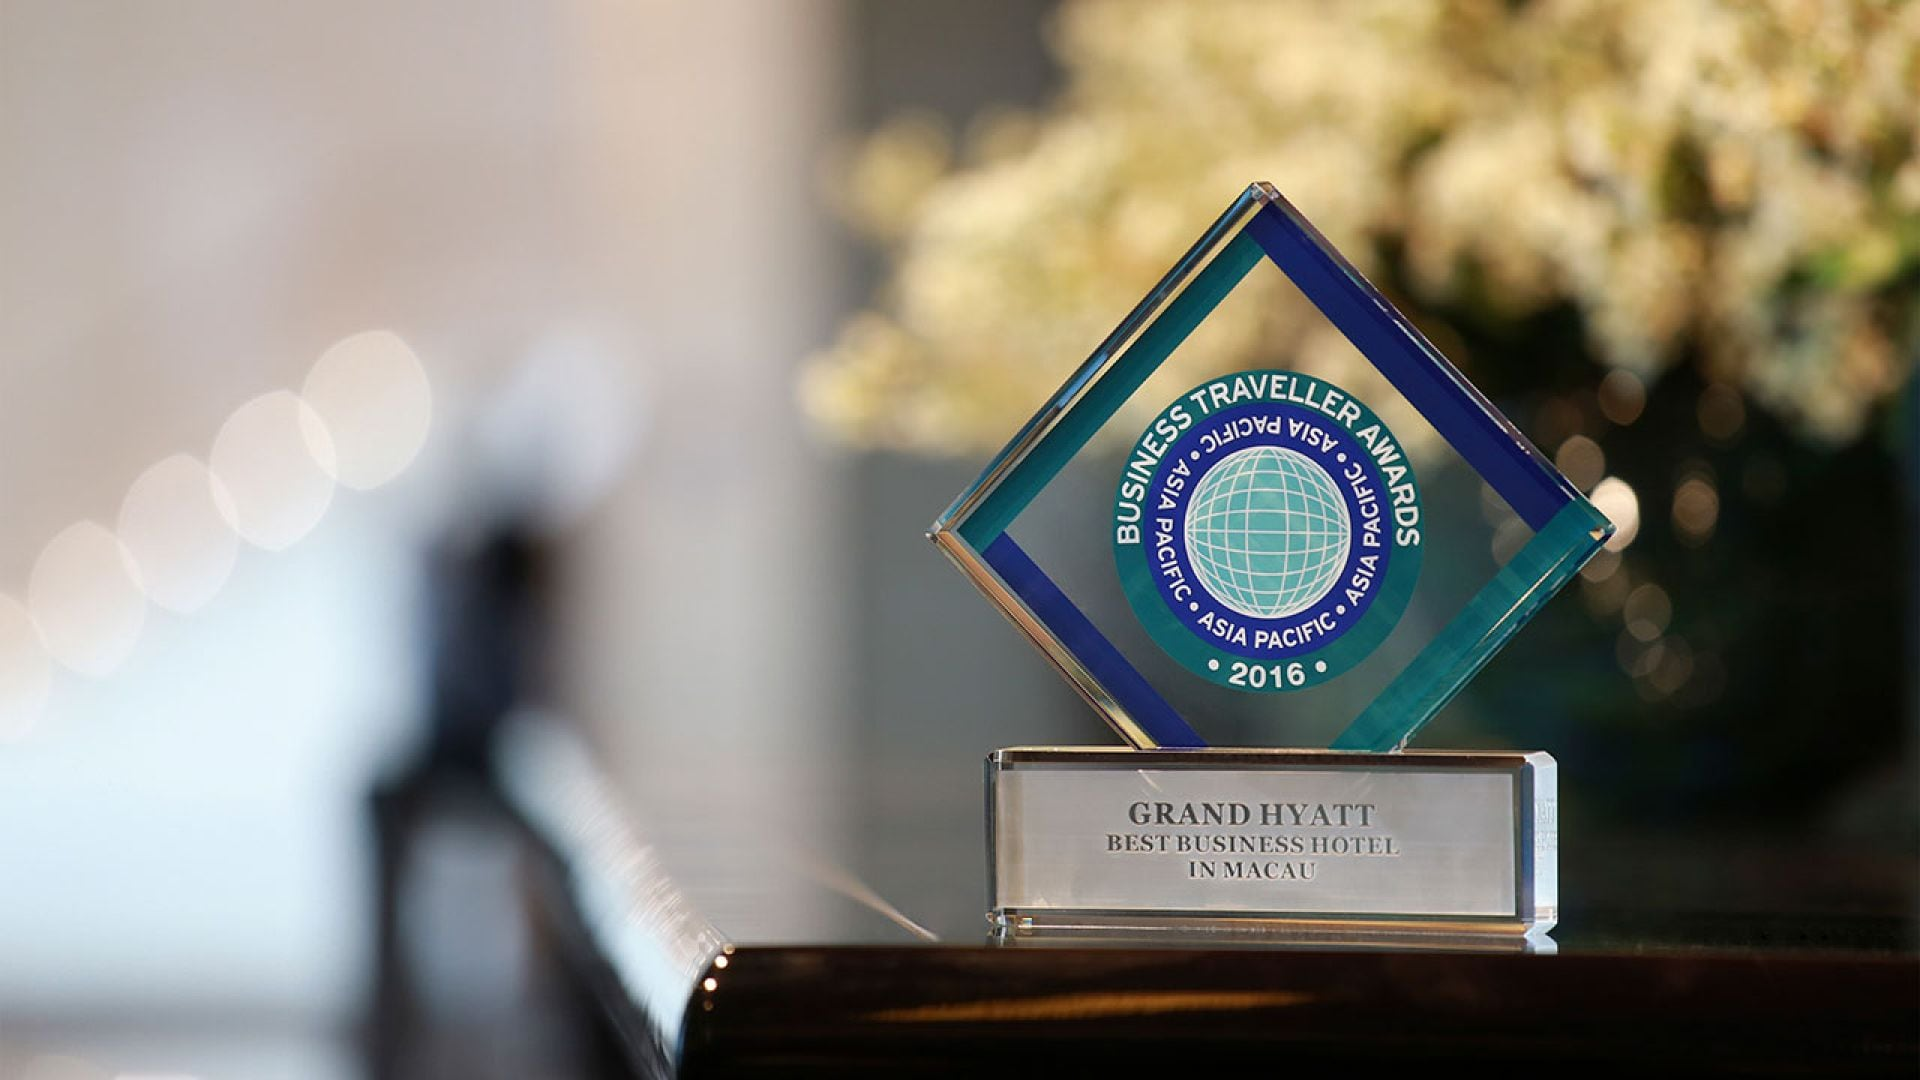 Grand Hyatt Macao Business Traveler Award 2016